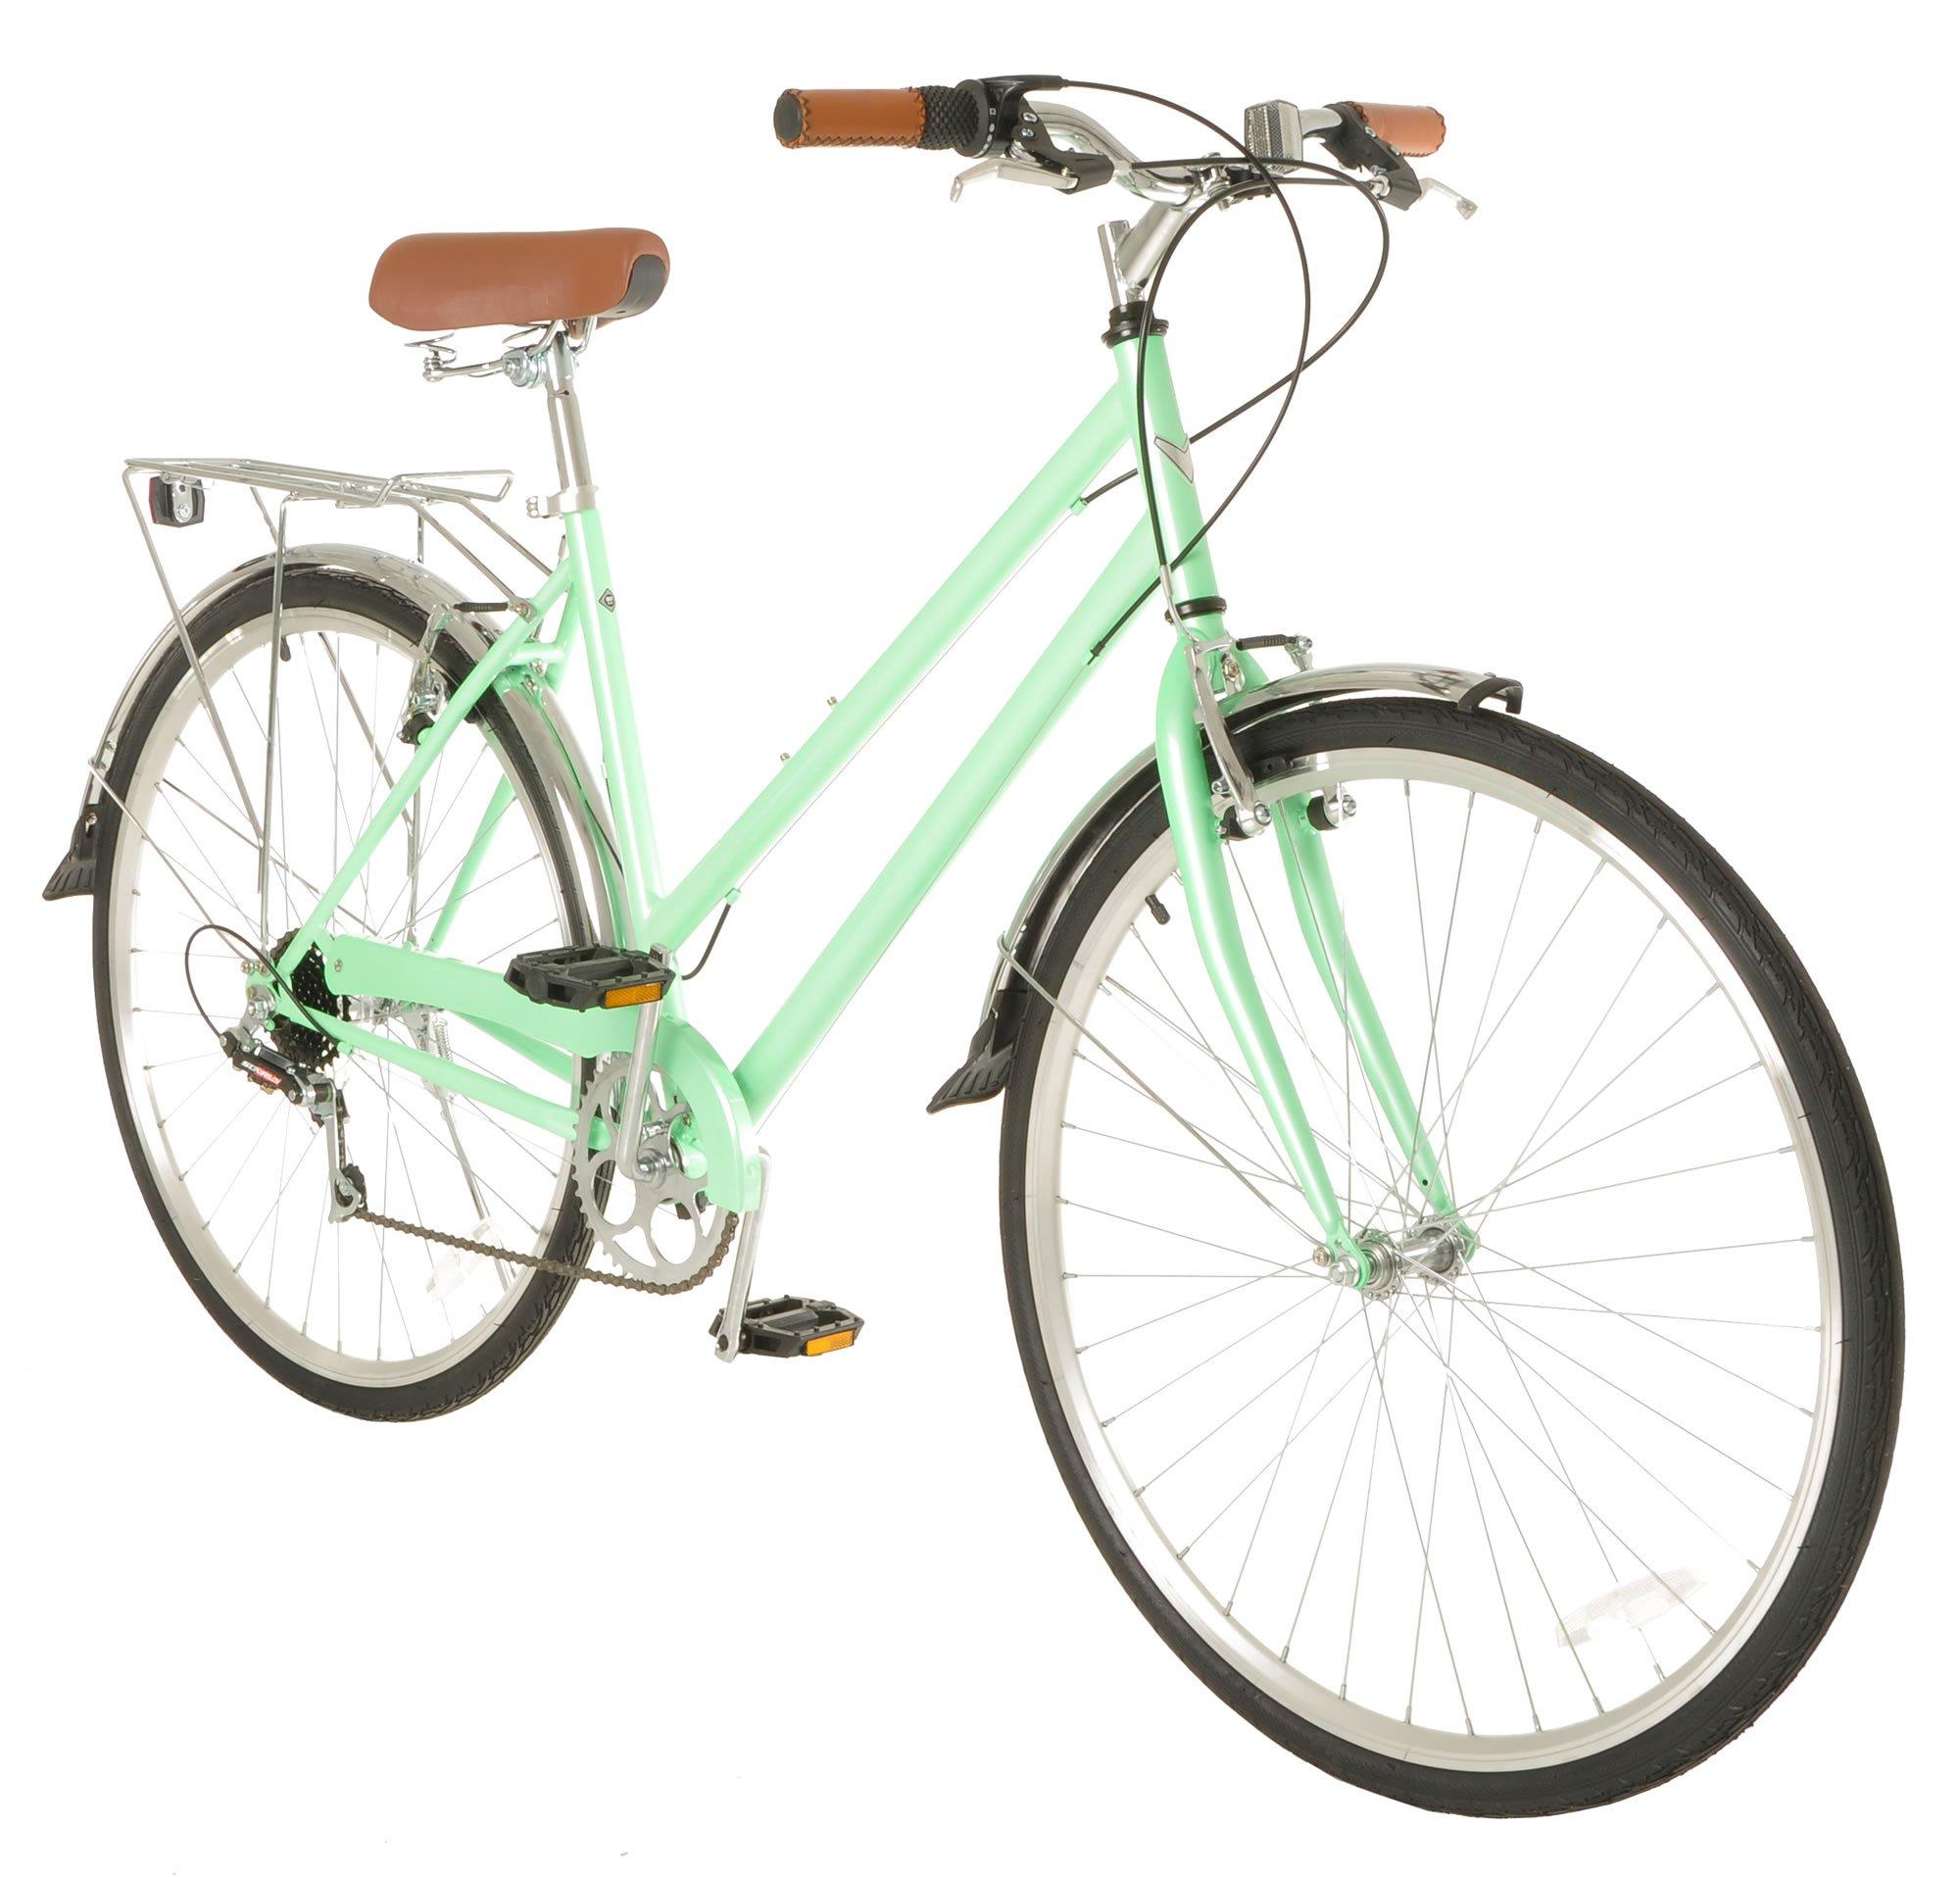 47e5c56a99a Buy Vilano Womens Hybrid Bike 700c Retro City Commuter in Cheap ...